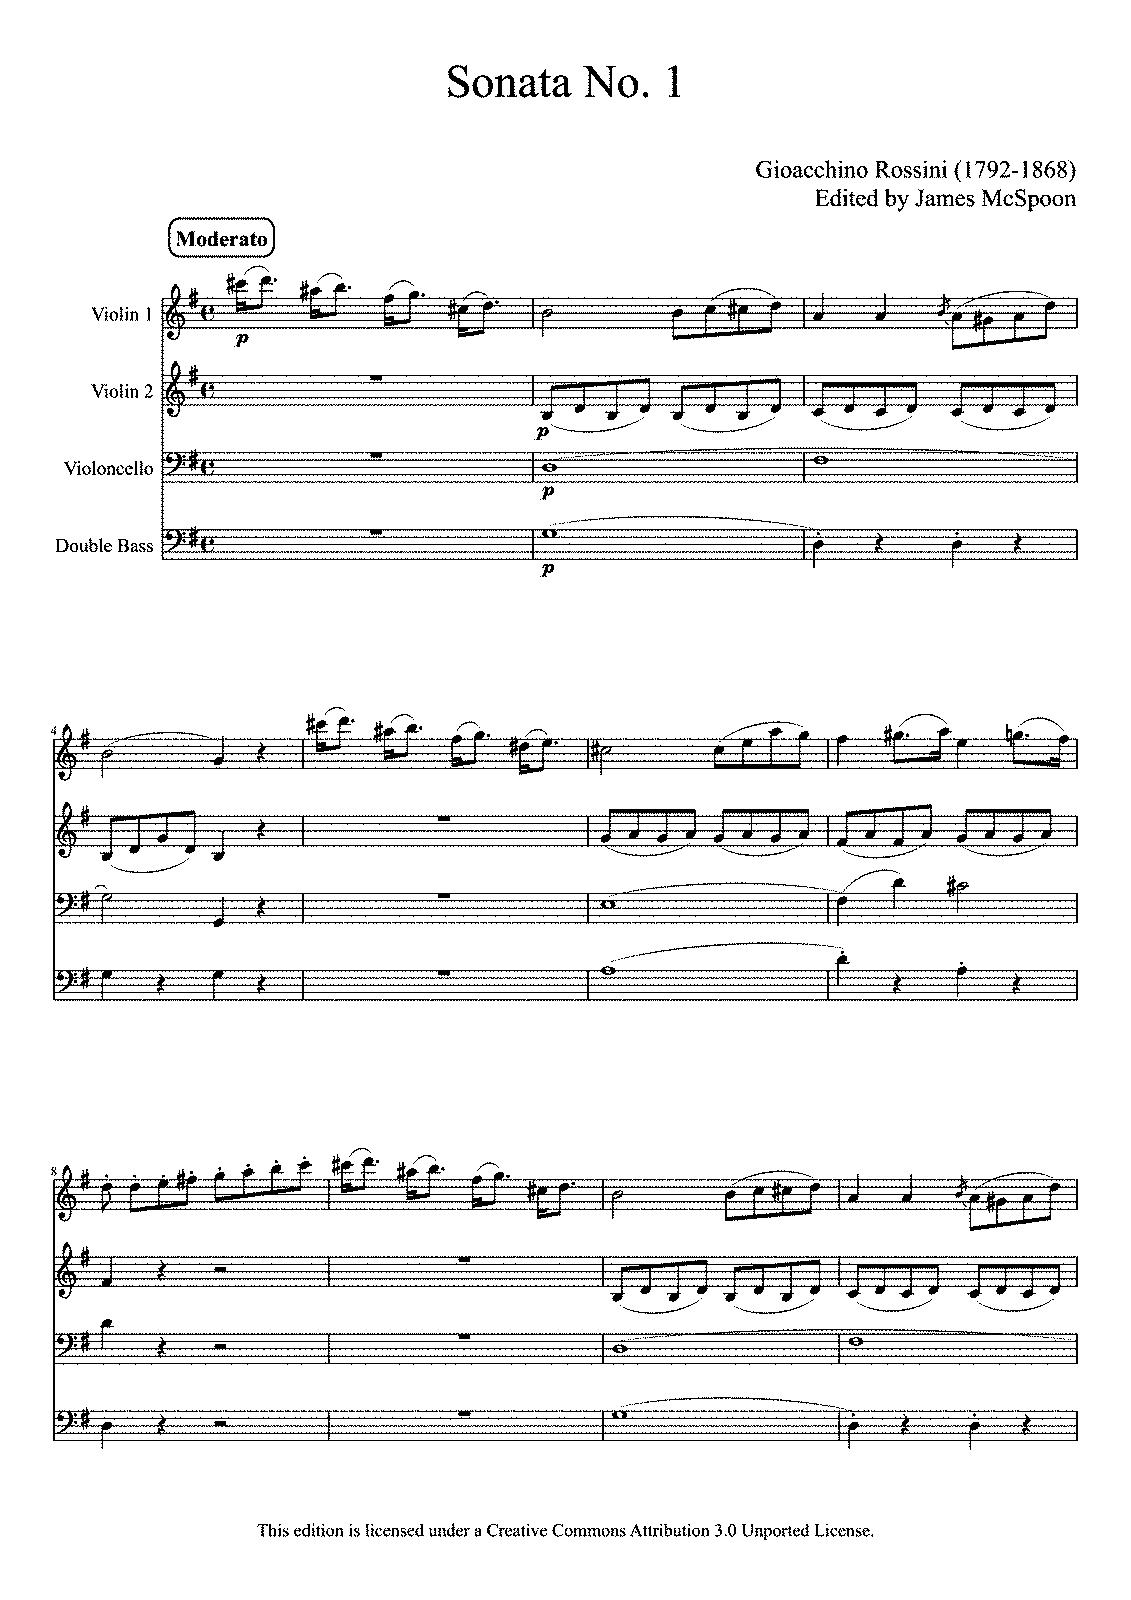 6 sonate a quattro rossini gioacchino imslppetrucci music parts hexwebz Images